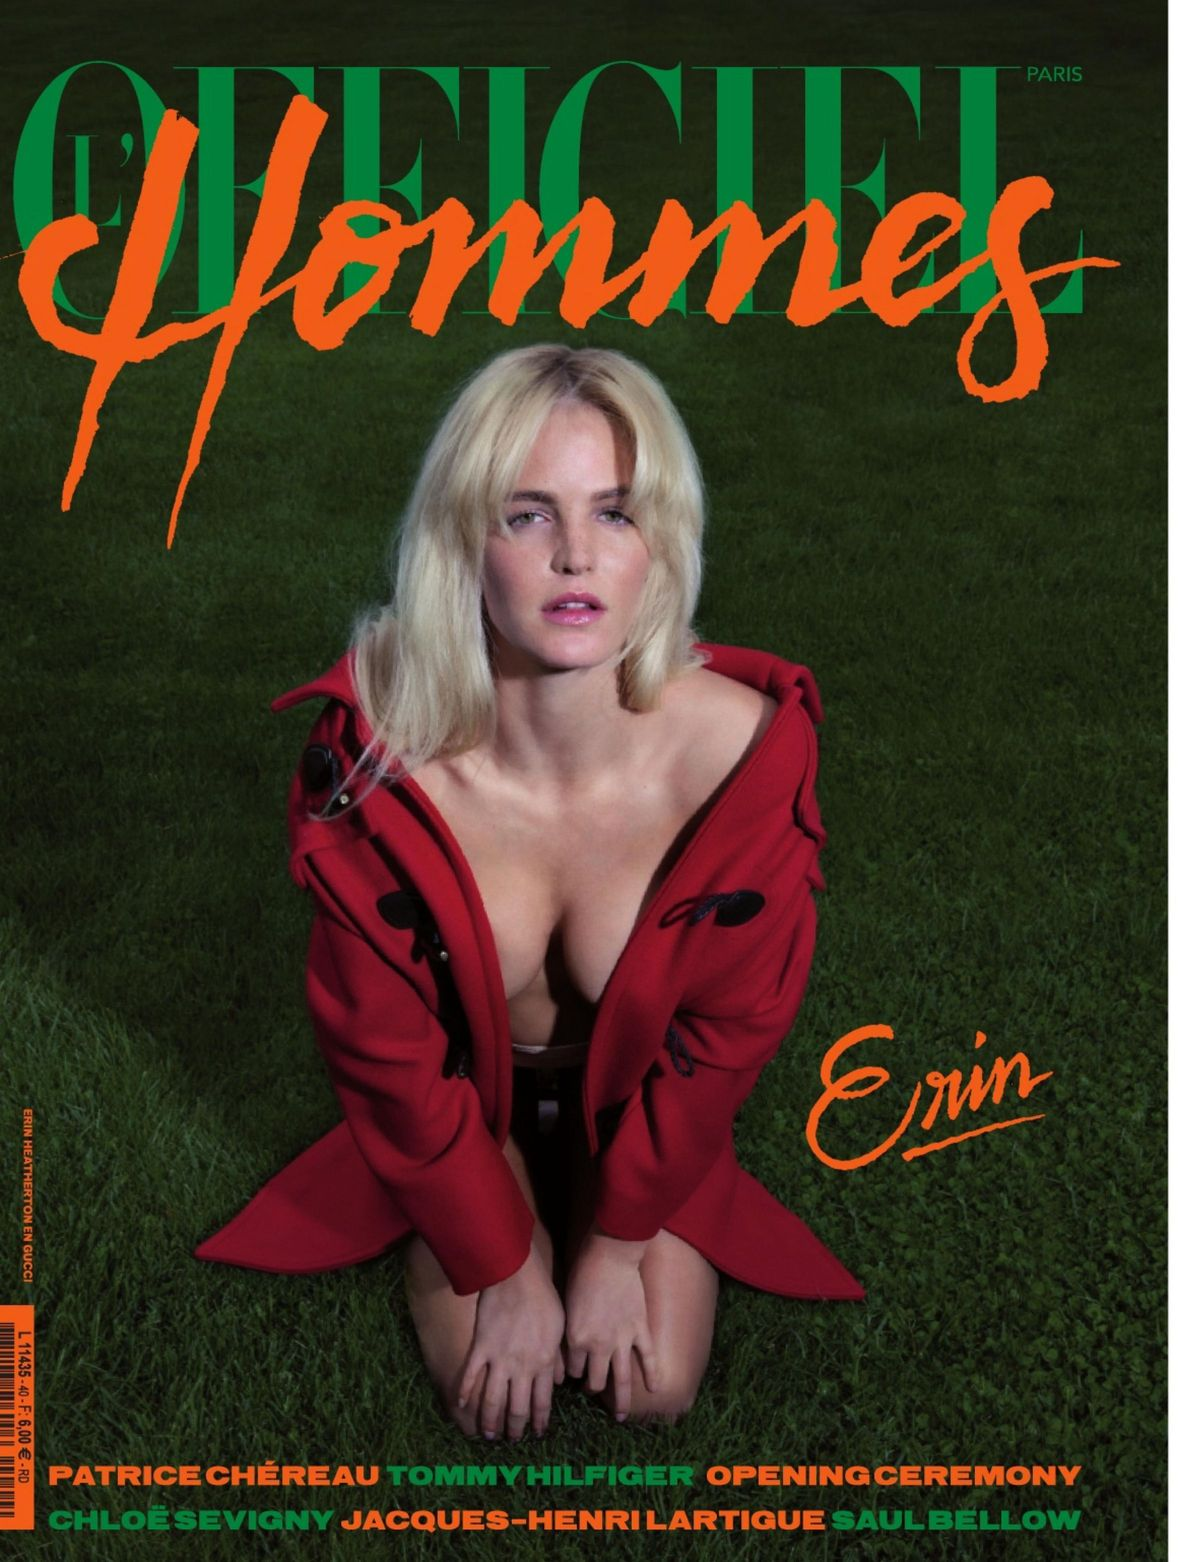 Erin Heatherton's Tits ...